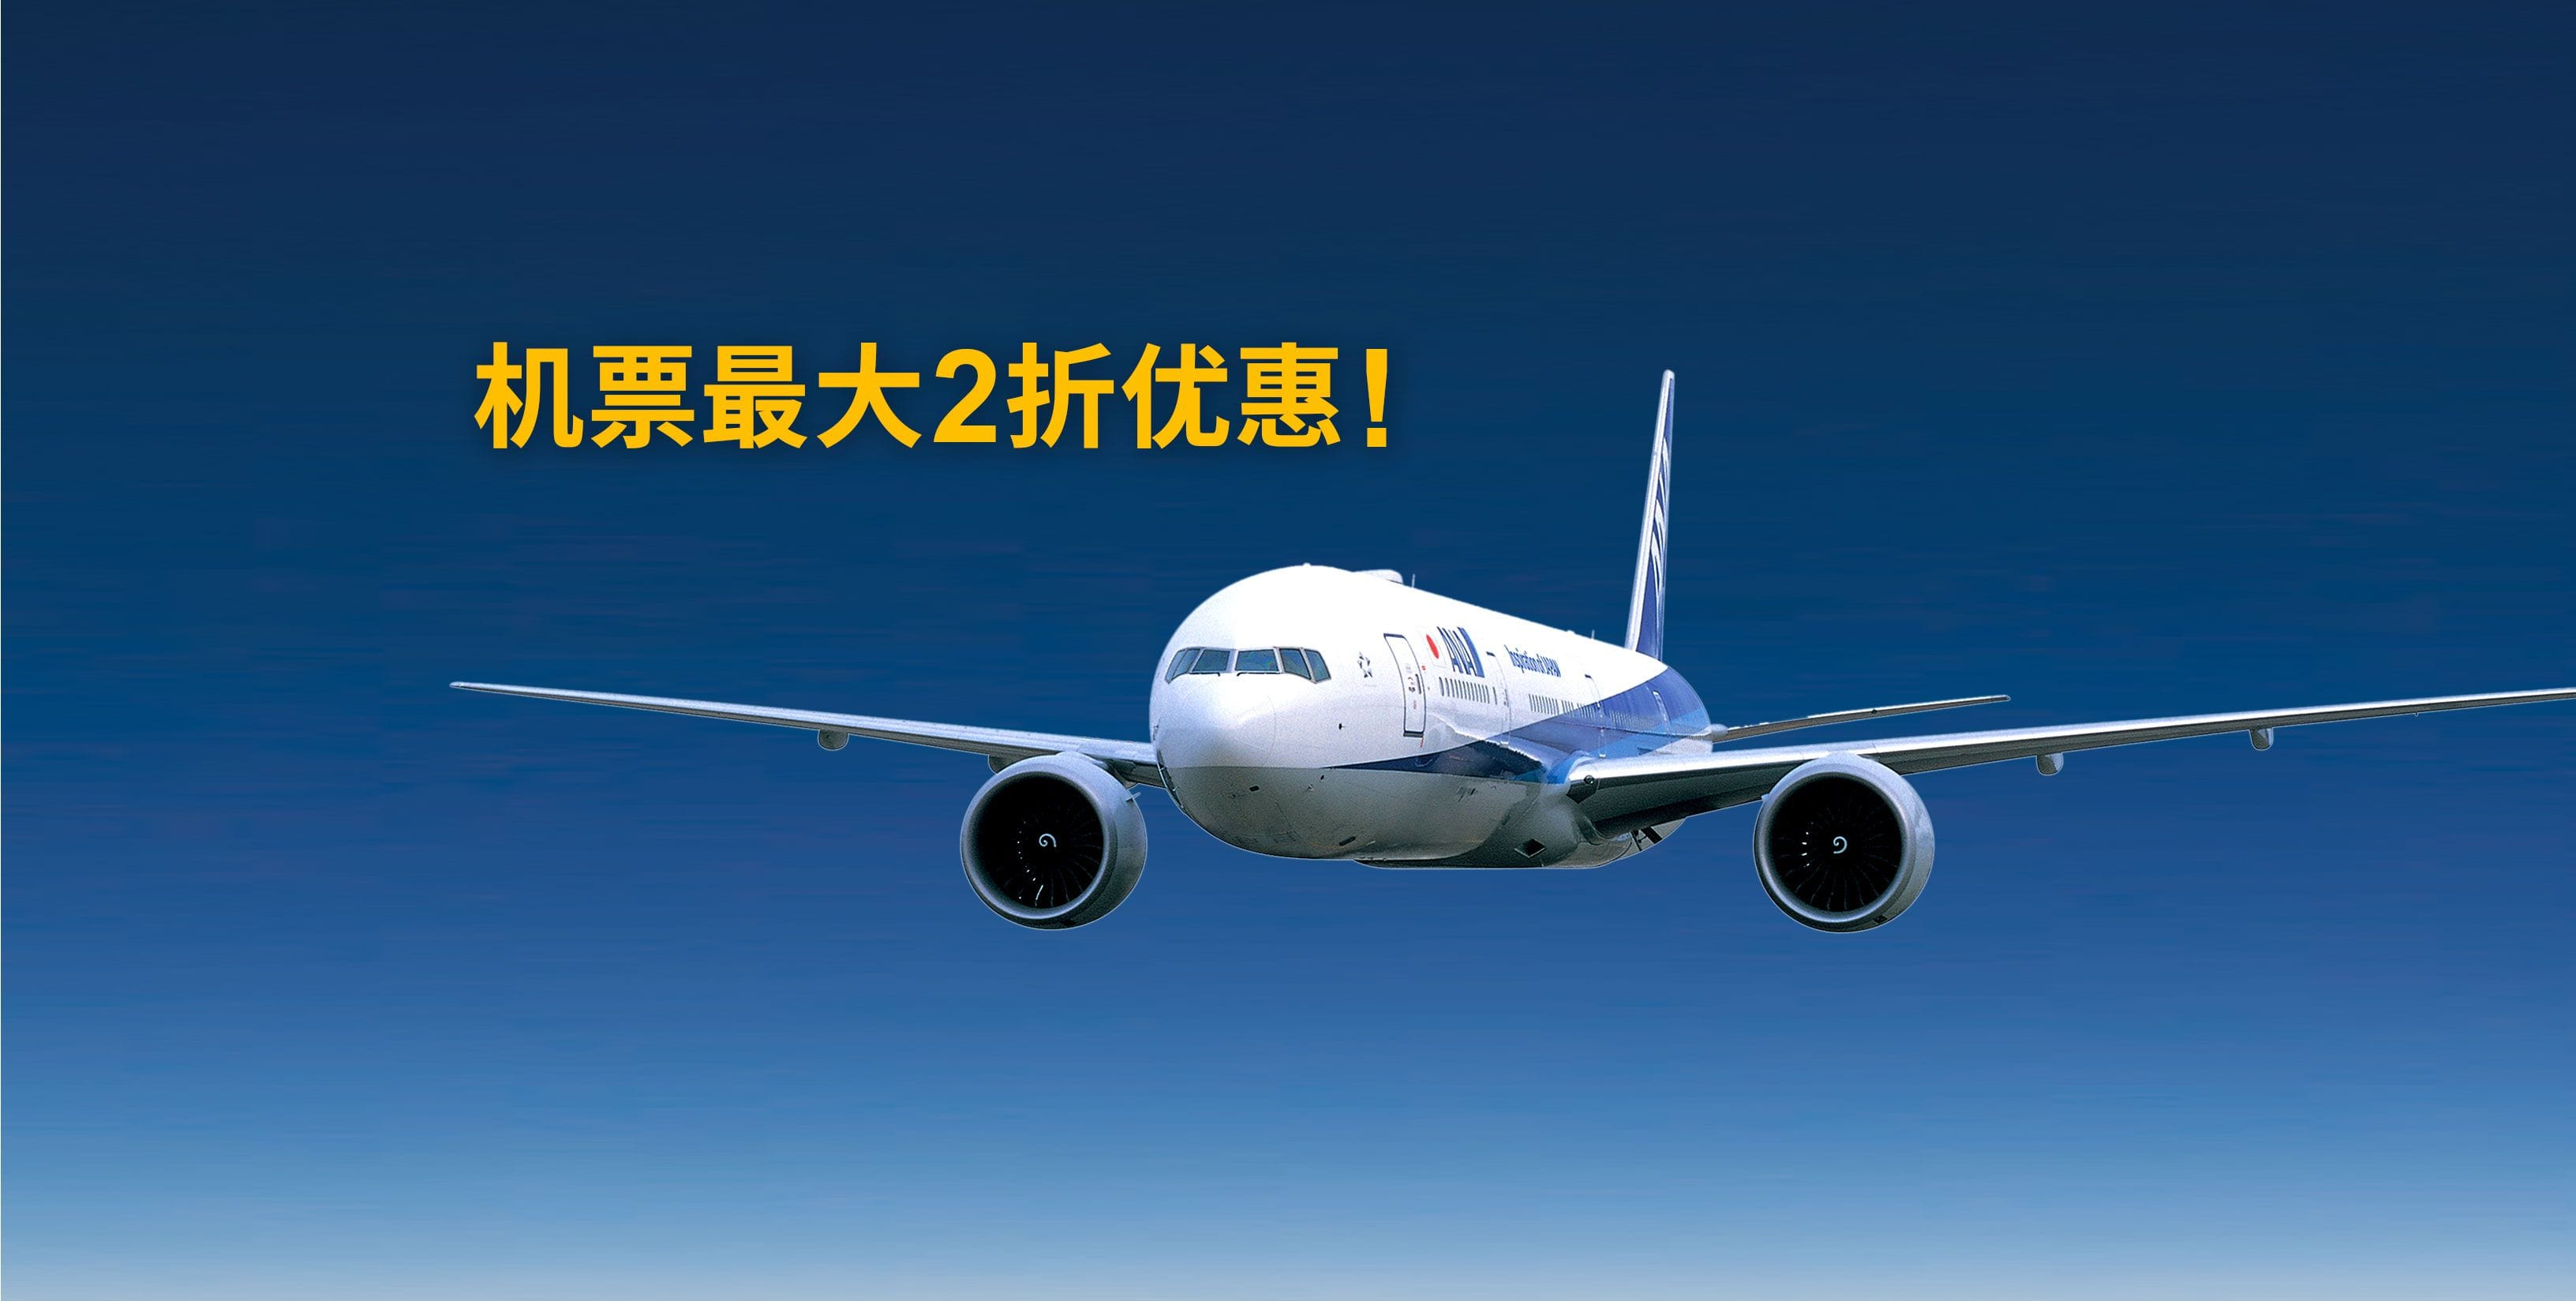 机票最大2折!日本国内航班,就选ANA全日空日本国内线特价机票!